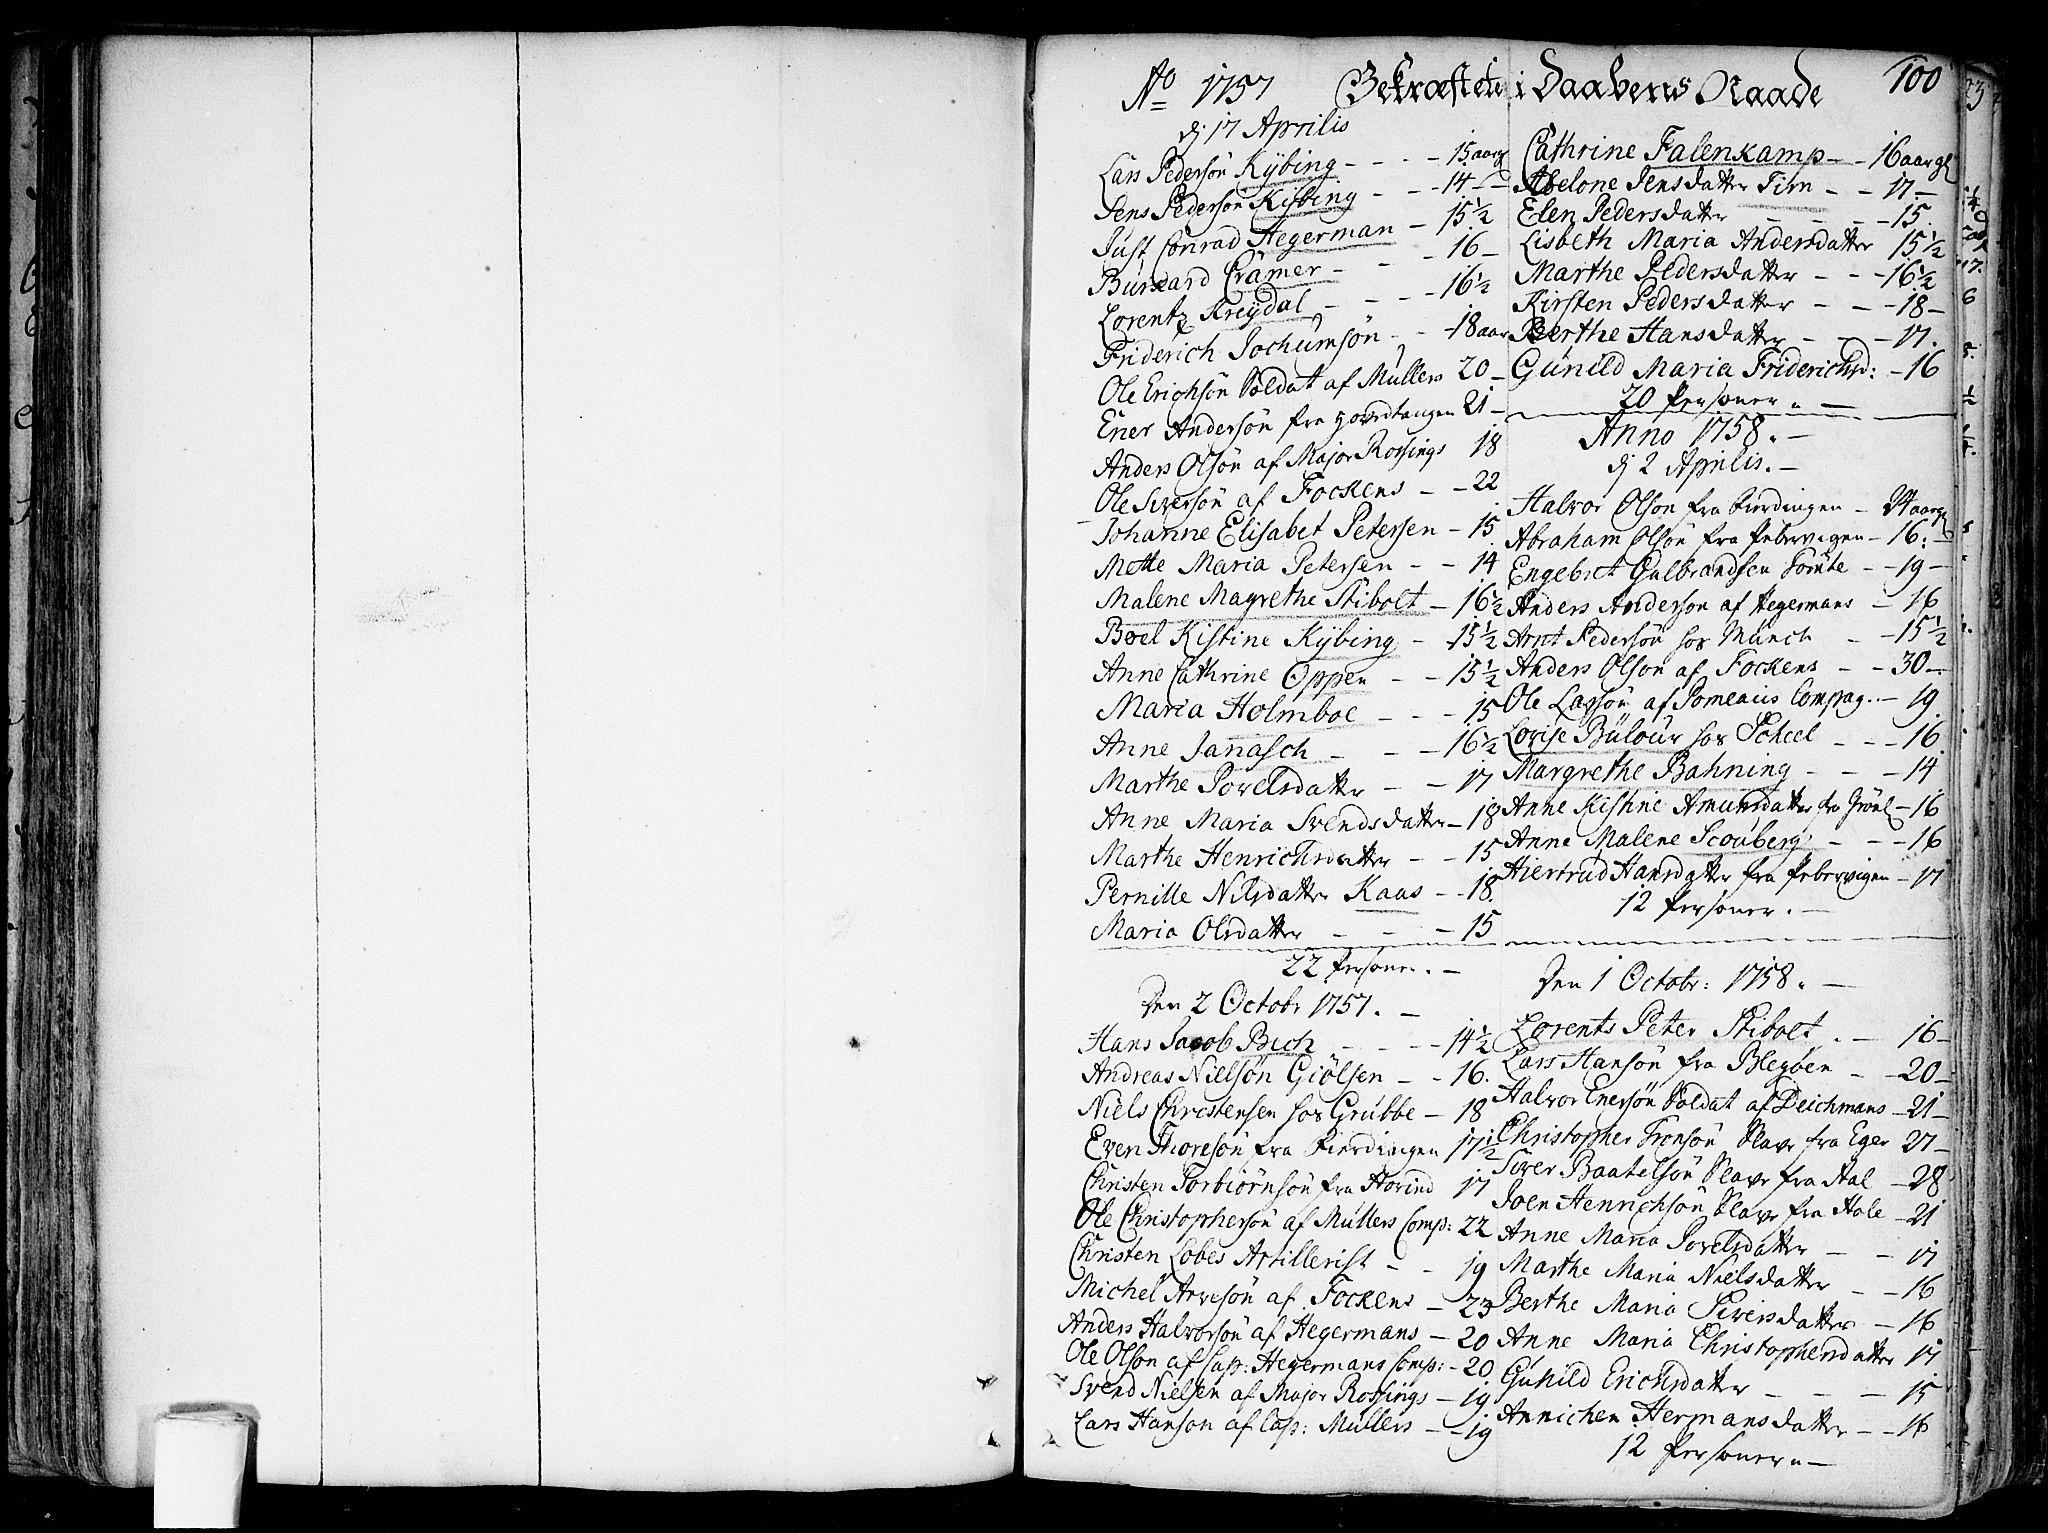 SAO, Garnisonsmenigheten Kirkebøker, F/Fa/L0002: Parish register (official) no. 2, 1757-1776, p. 100